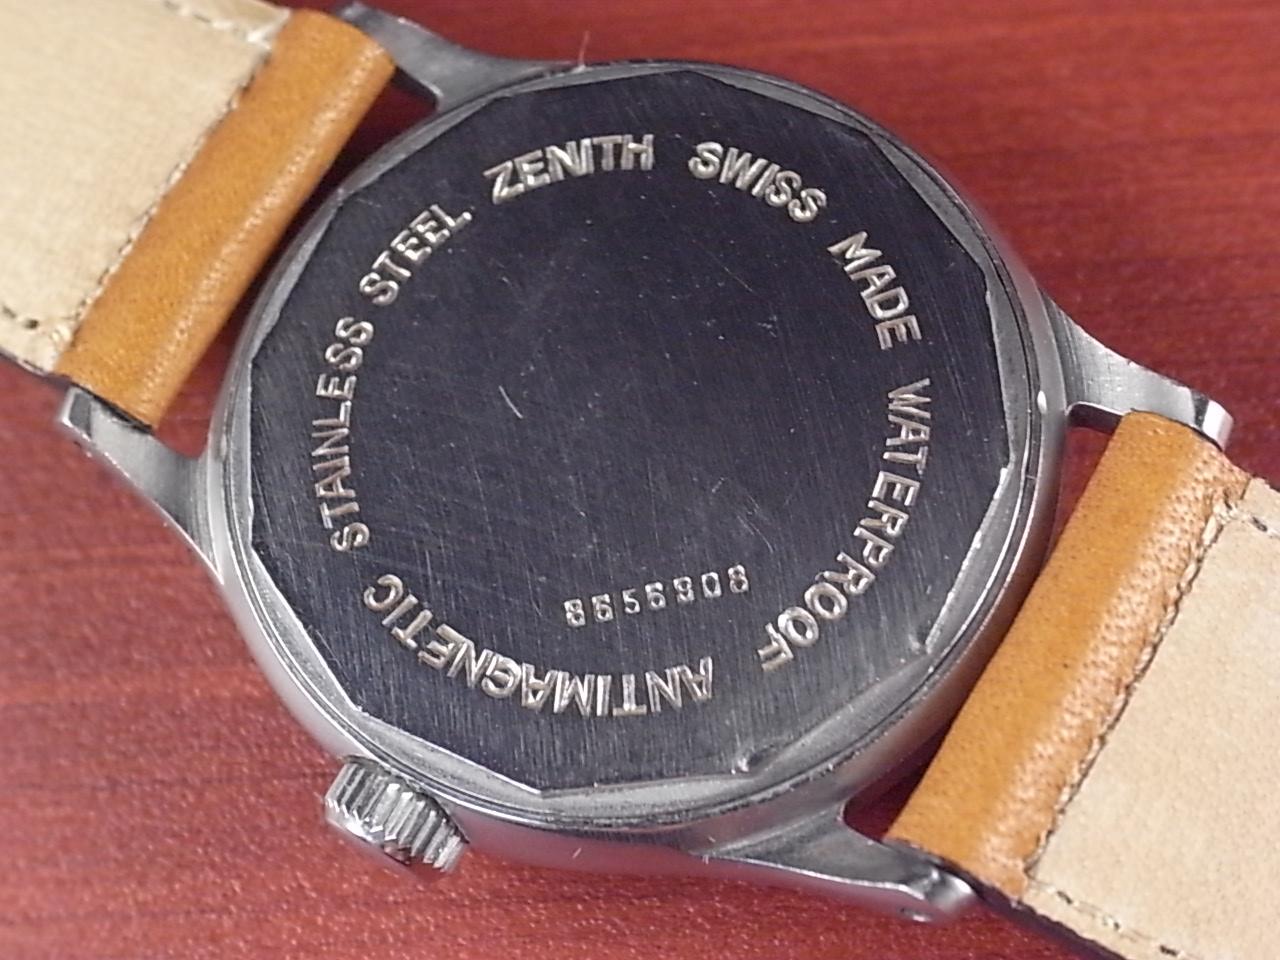 ゼニス ブルズアイ グレー/ブラック スクリューバック ニアミント 1940年代の写真4枚目